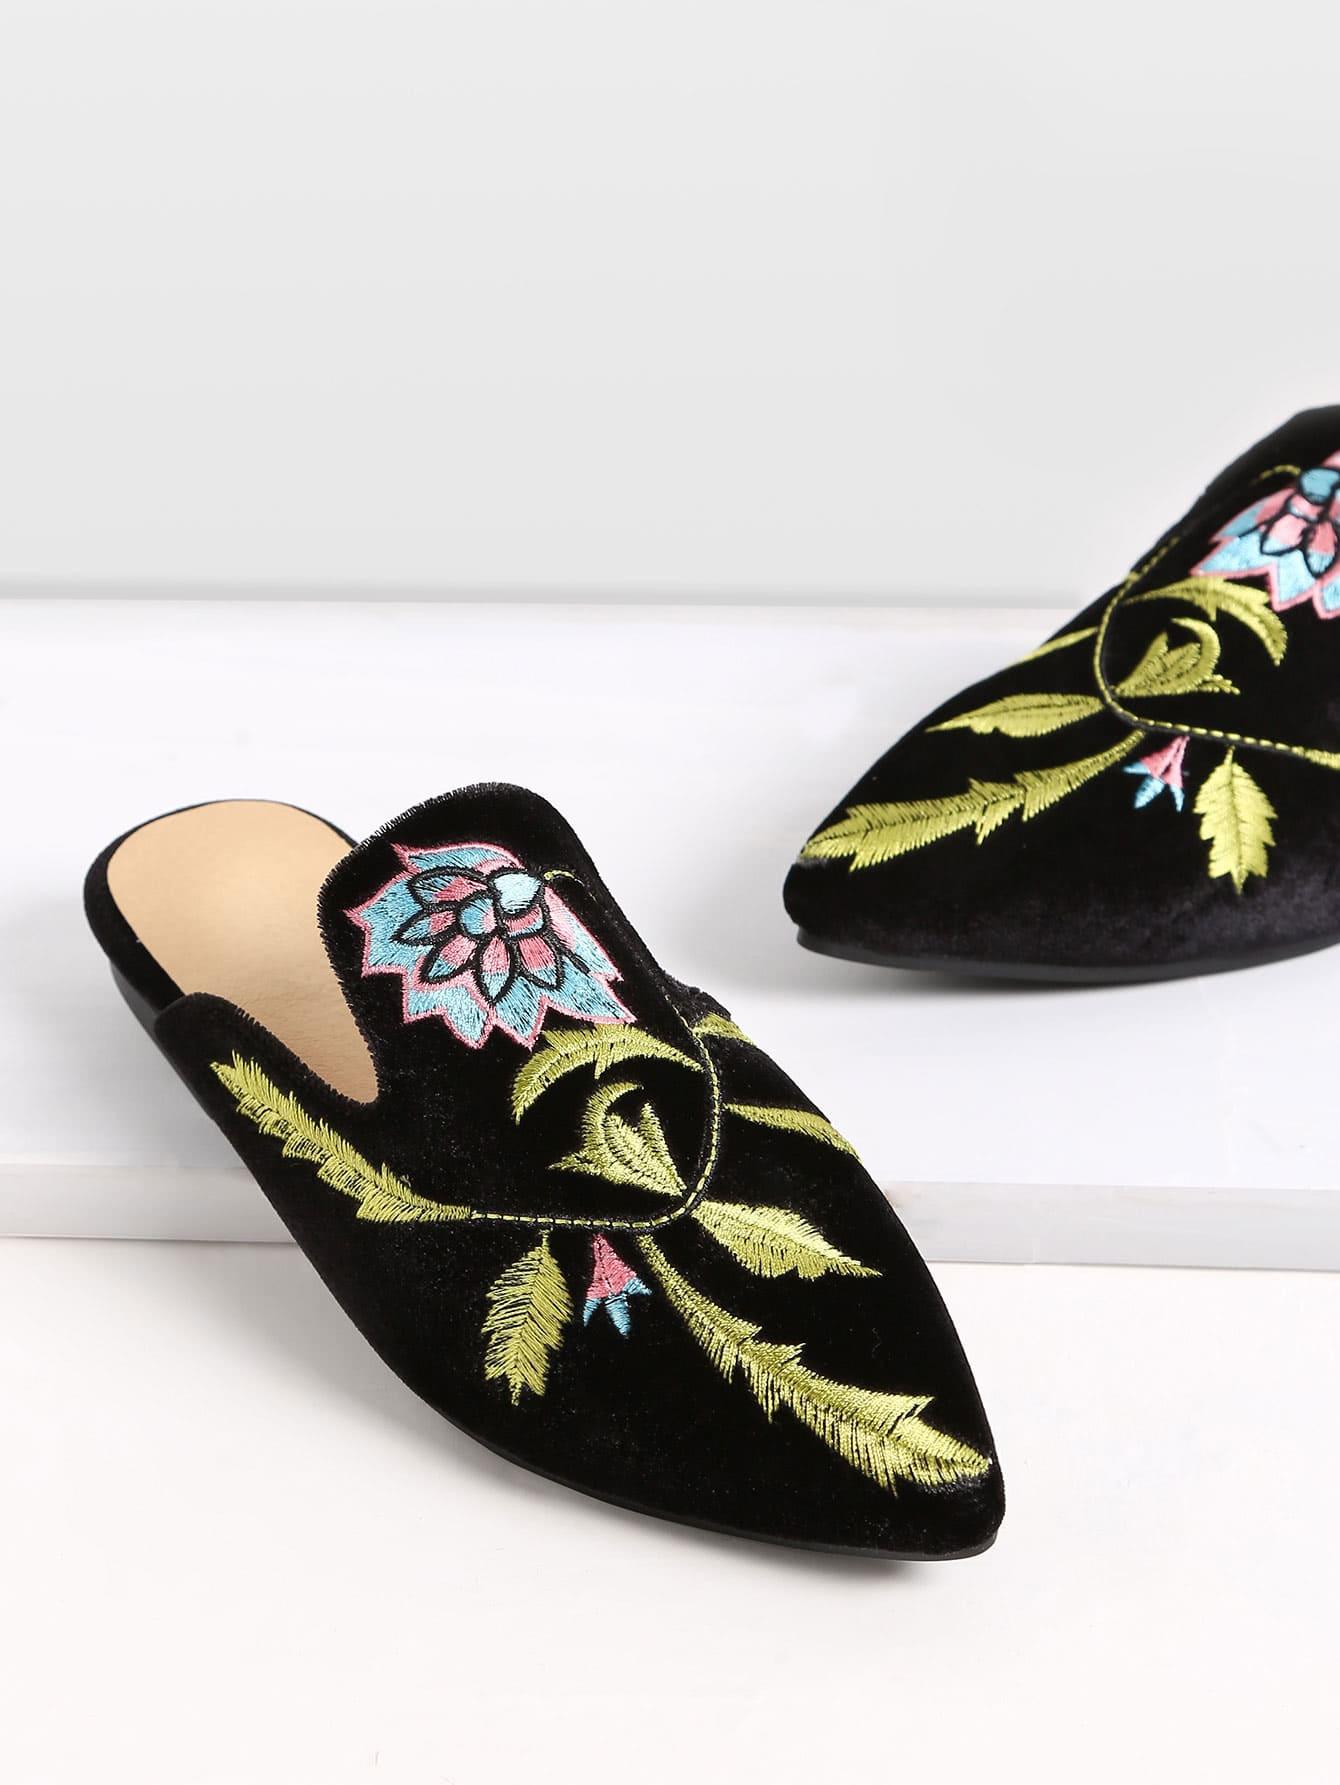 shoes161216805_2